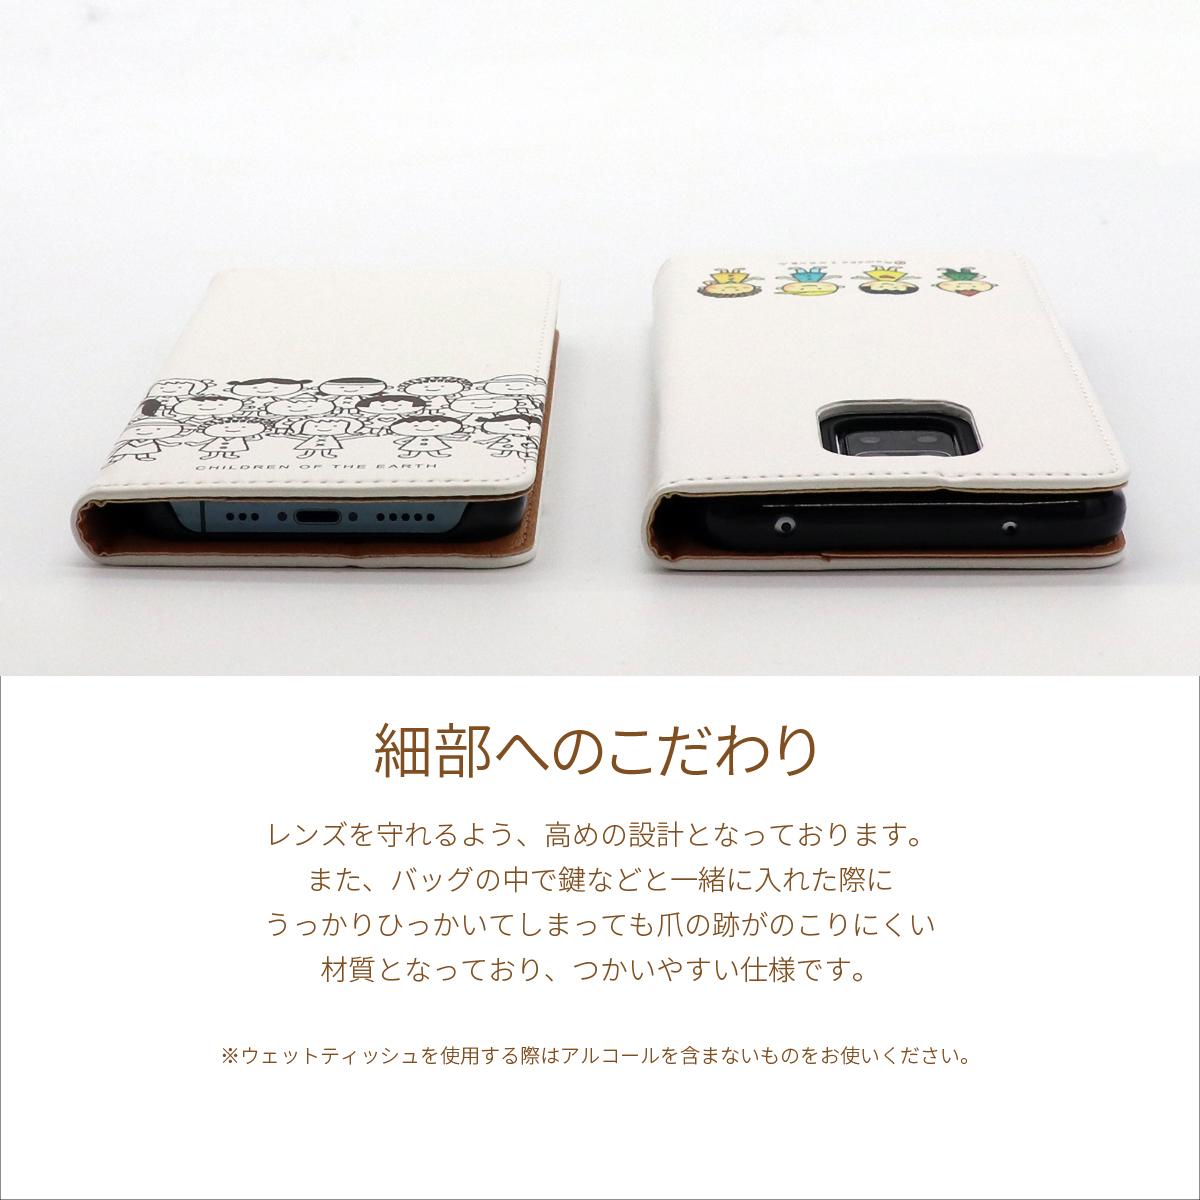 さくらももこ 地球の子供たち LG VELVET L-52A style3 V60 G8X ThinQ 5G ケース 手帳型 style2 L-01L K50 手帳型ケース LGV36 style LG isai V30+ カバー スマホケース 手帳型カバー 財布型 ブック型 カード収納 スタンド ベルト無し